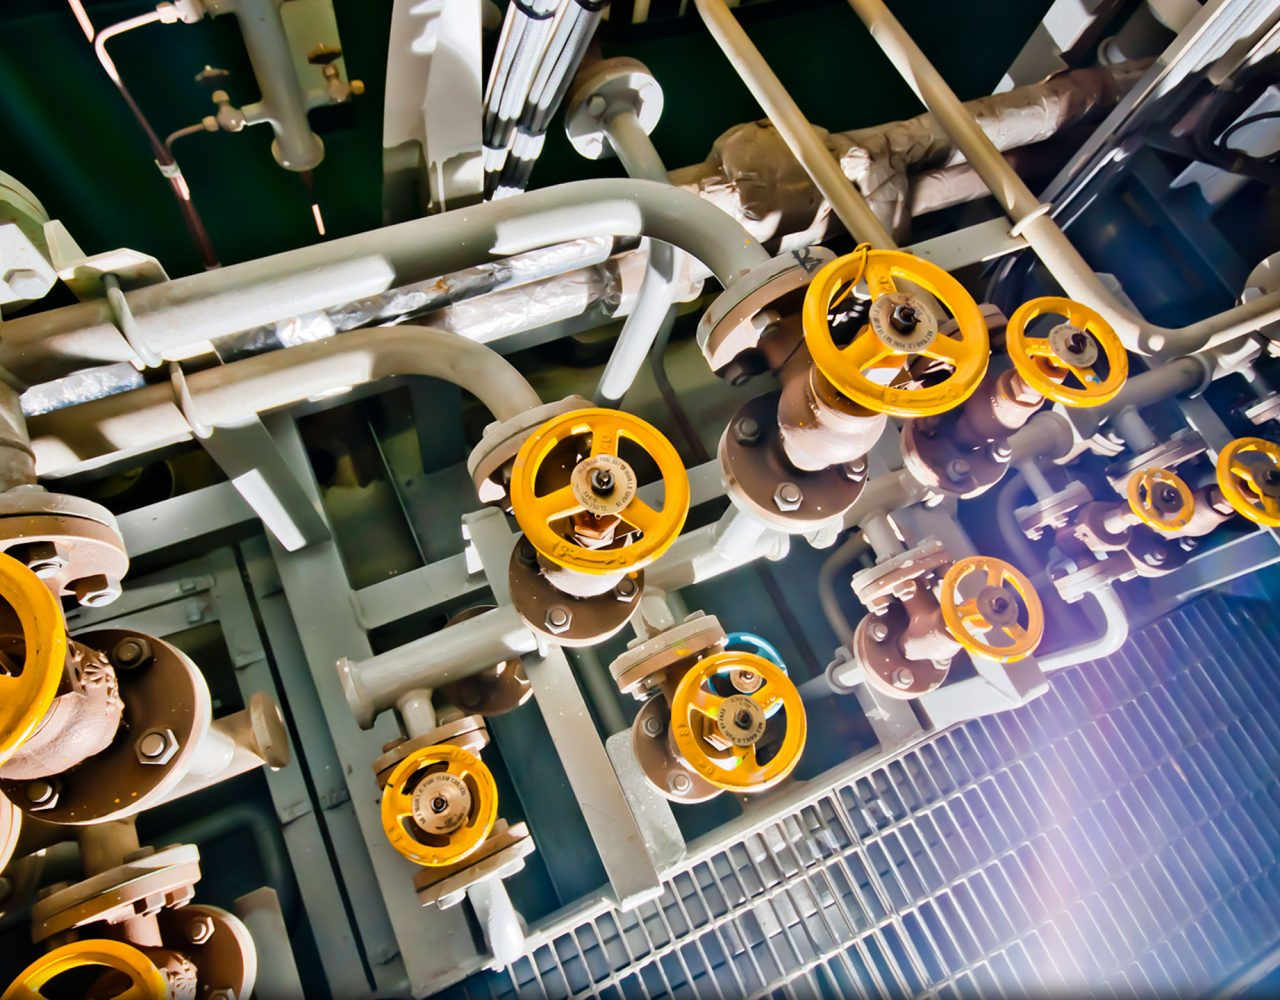 Danfoss Industrial Automation